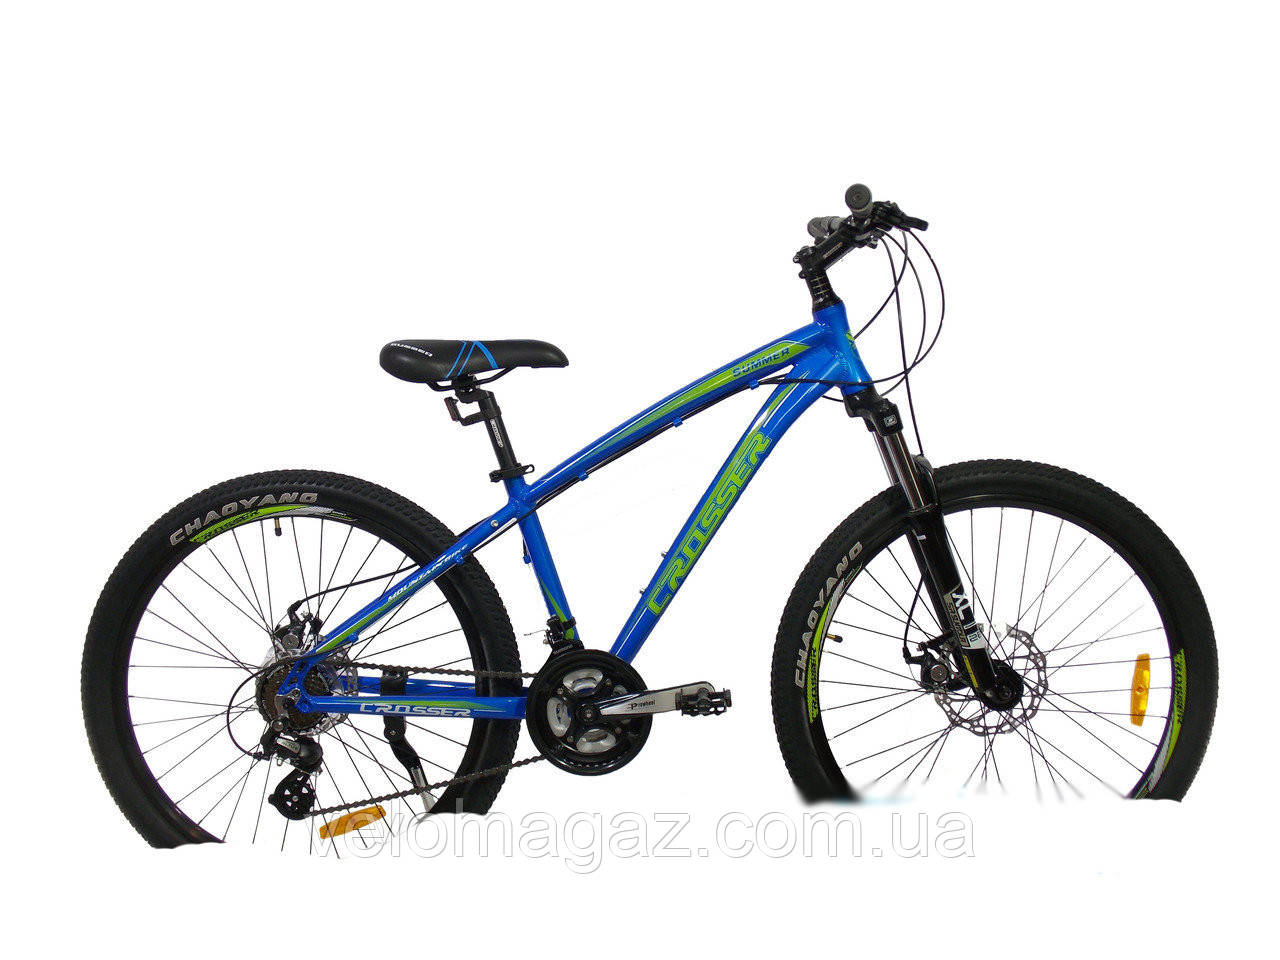 """Велосипед Crosser Summer*16 26"""" синий горный алюминиевый"""